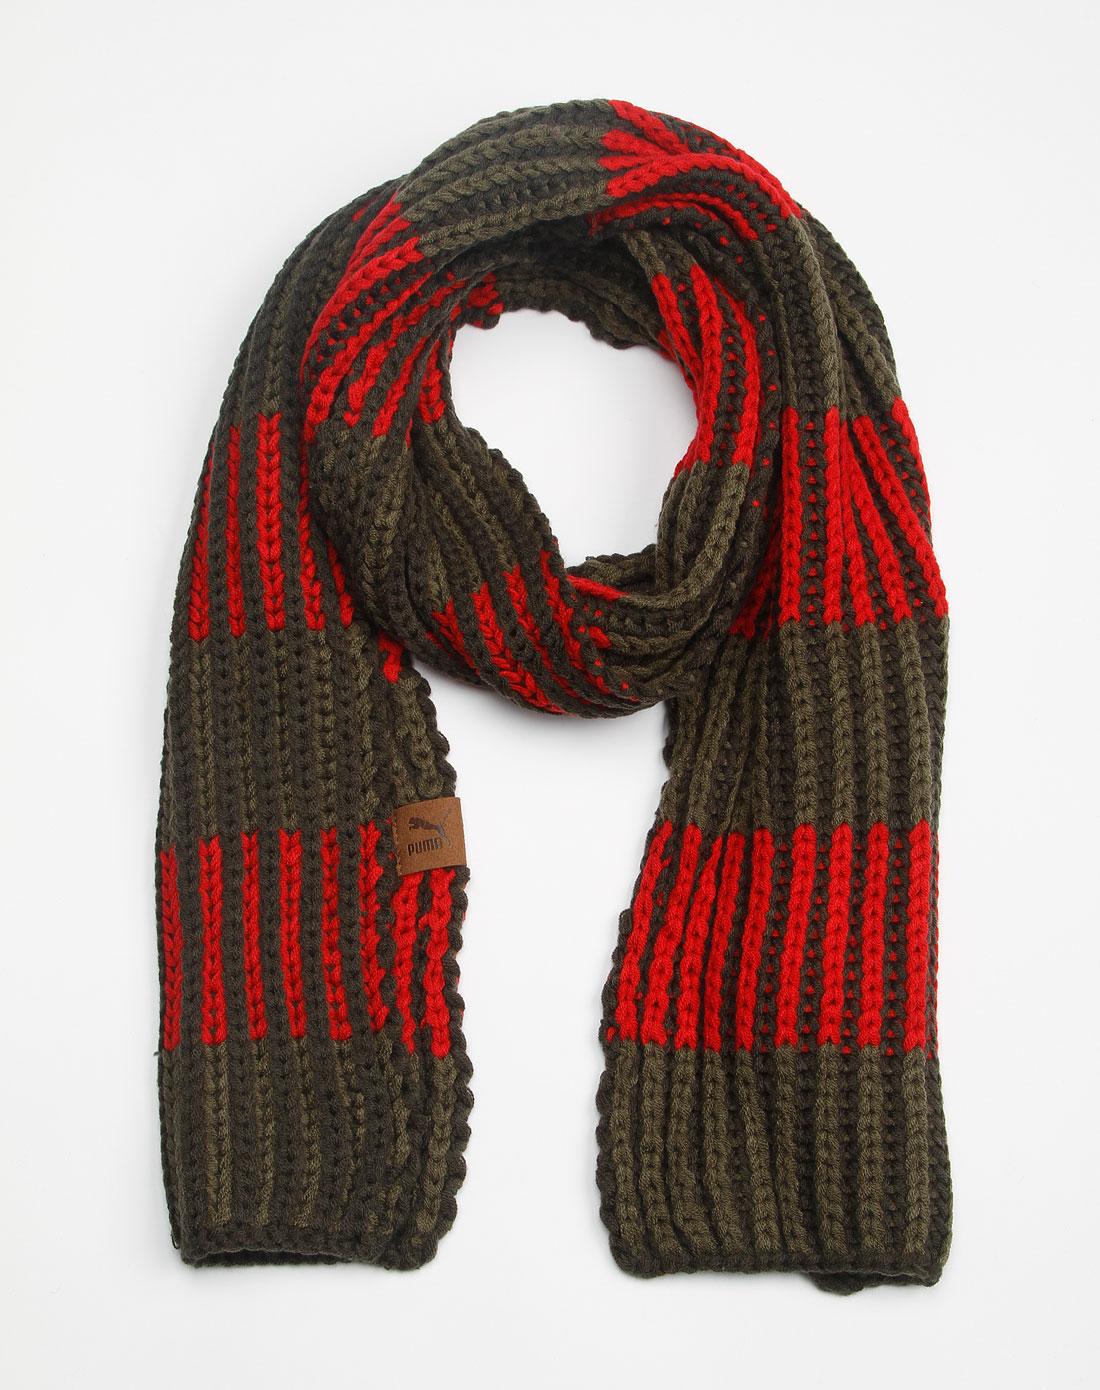 褐橄榄缎带红色时尚编织围巾